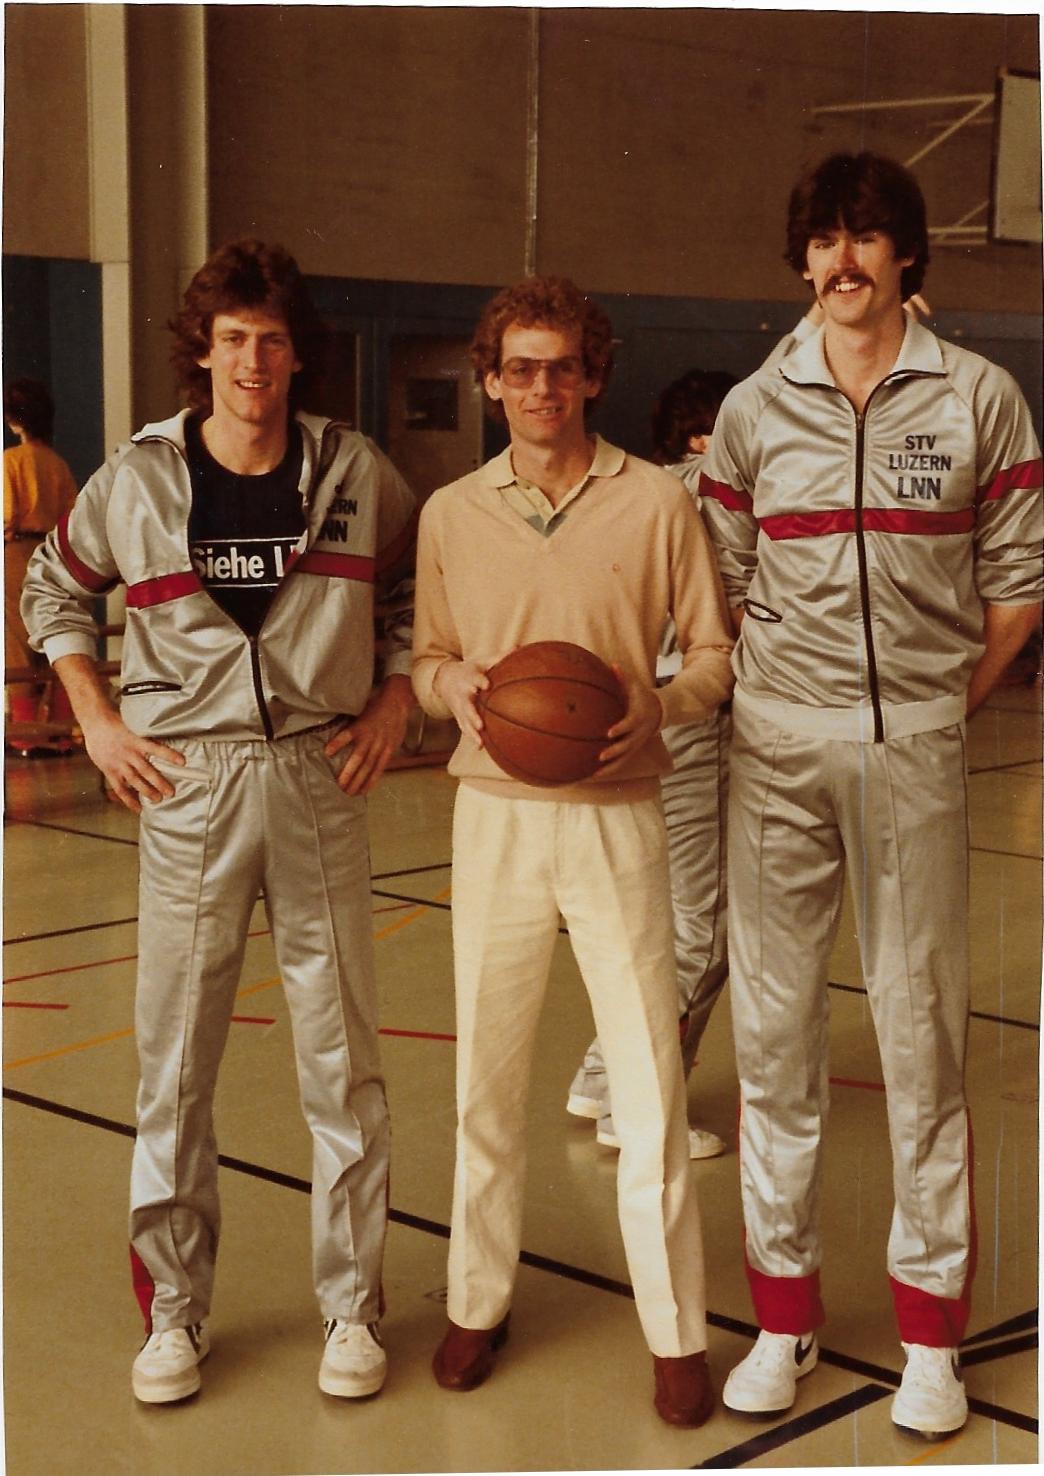 1983 - Rick Taylor (mitte); prägende Figur und wichtiger Promoter für den Luzerner Basketball; zusammen mit Randy Johnson (lks.) und Dave Netherton (rts.)